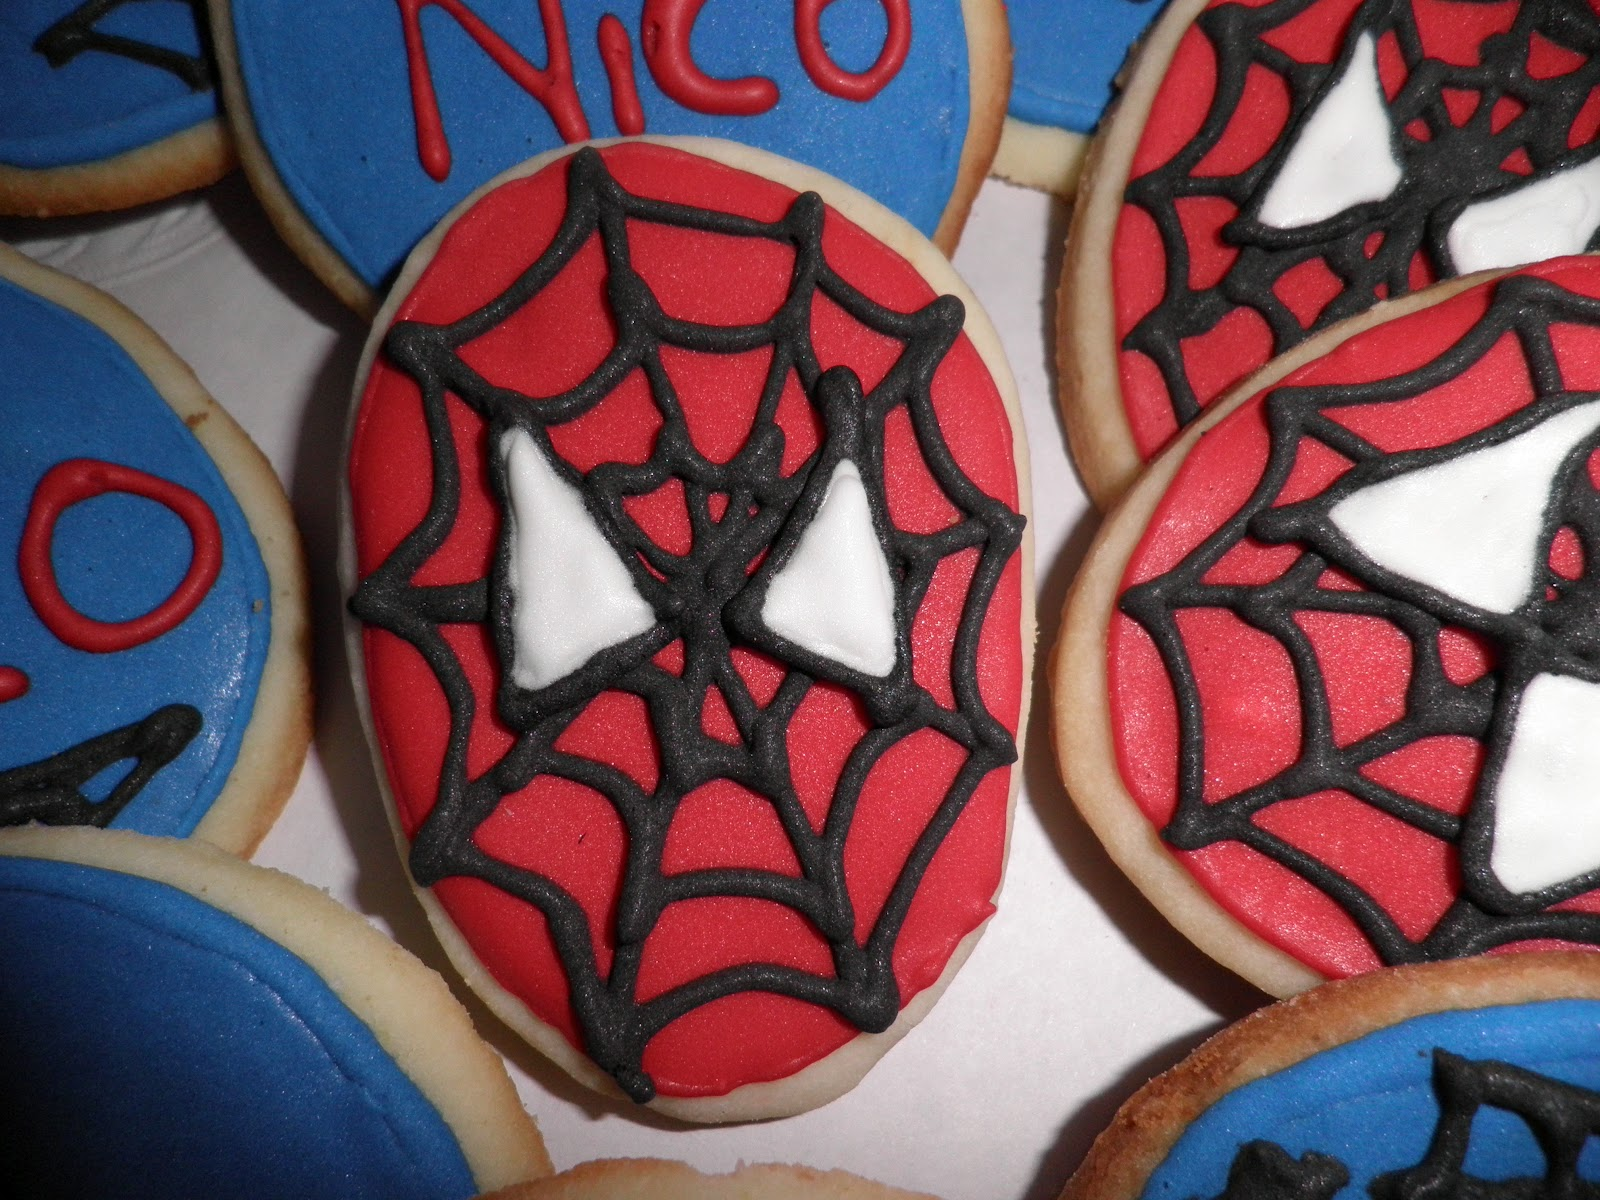 Pie Galerie Torta Cupcakes Cookies Cakepops Spiderman